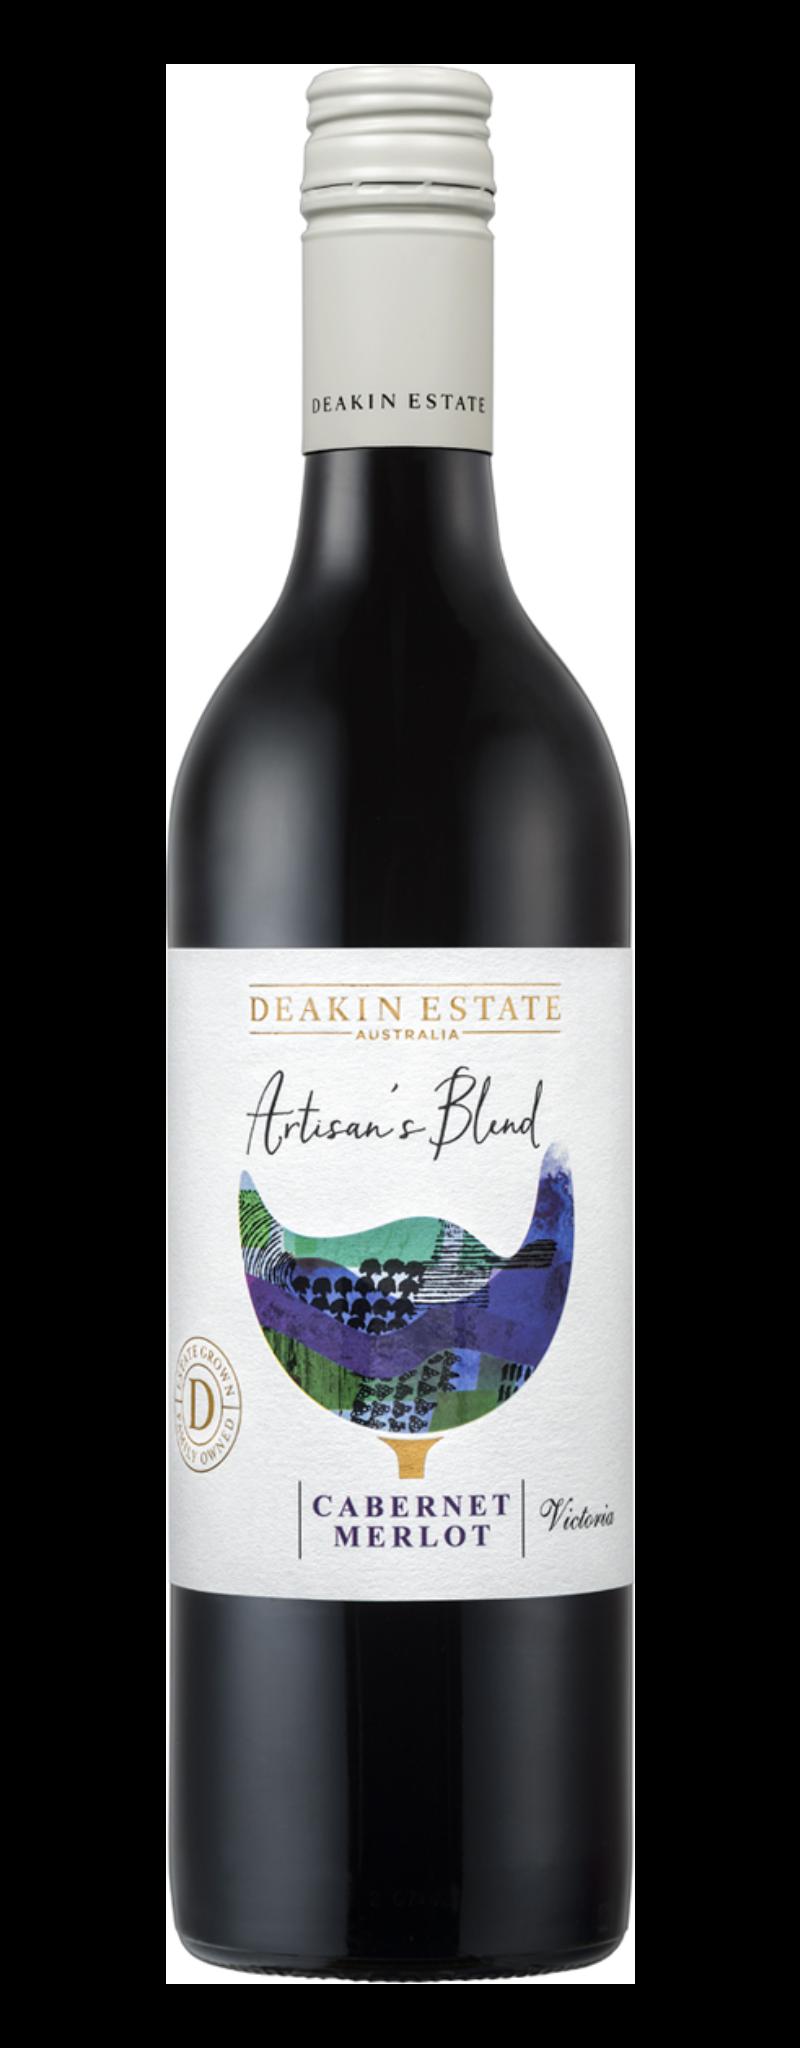 Deakin estate artisan's blend cabernet merlot  - 750ml